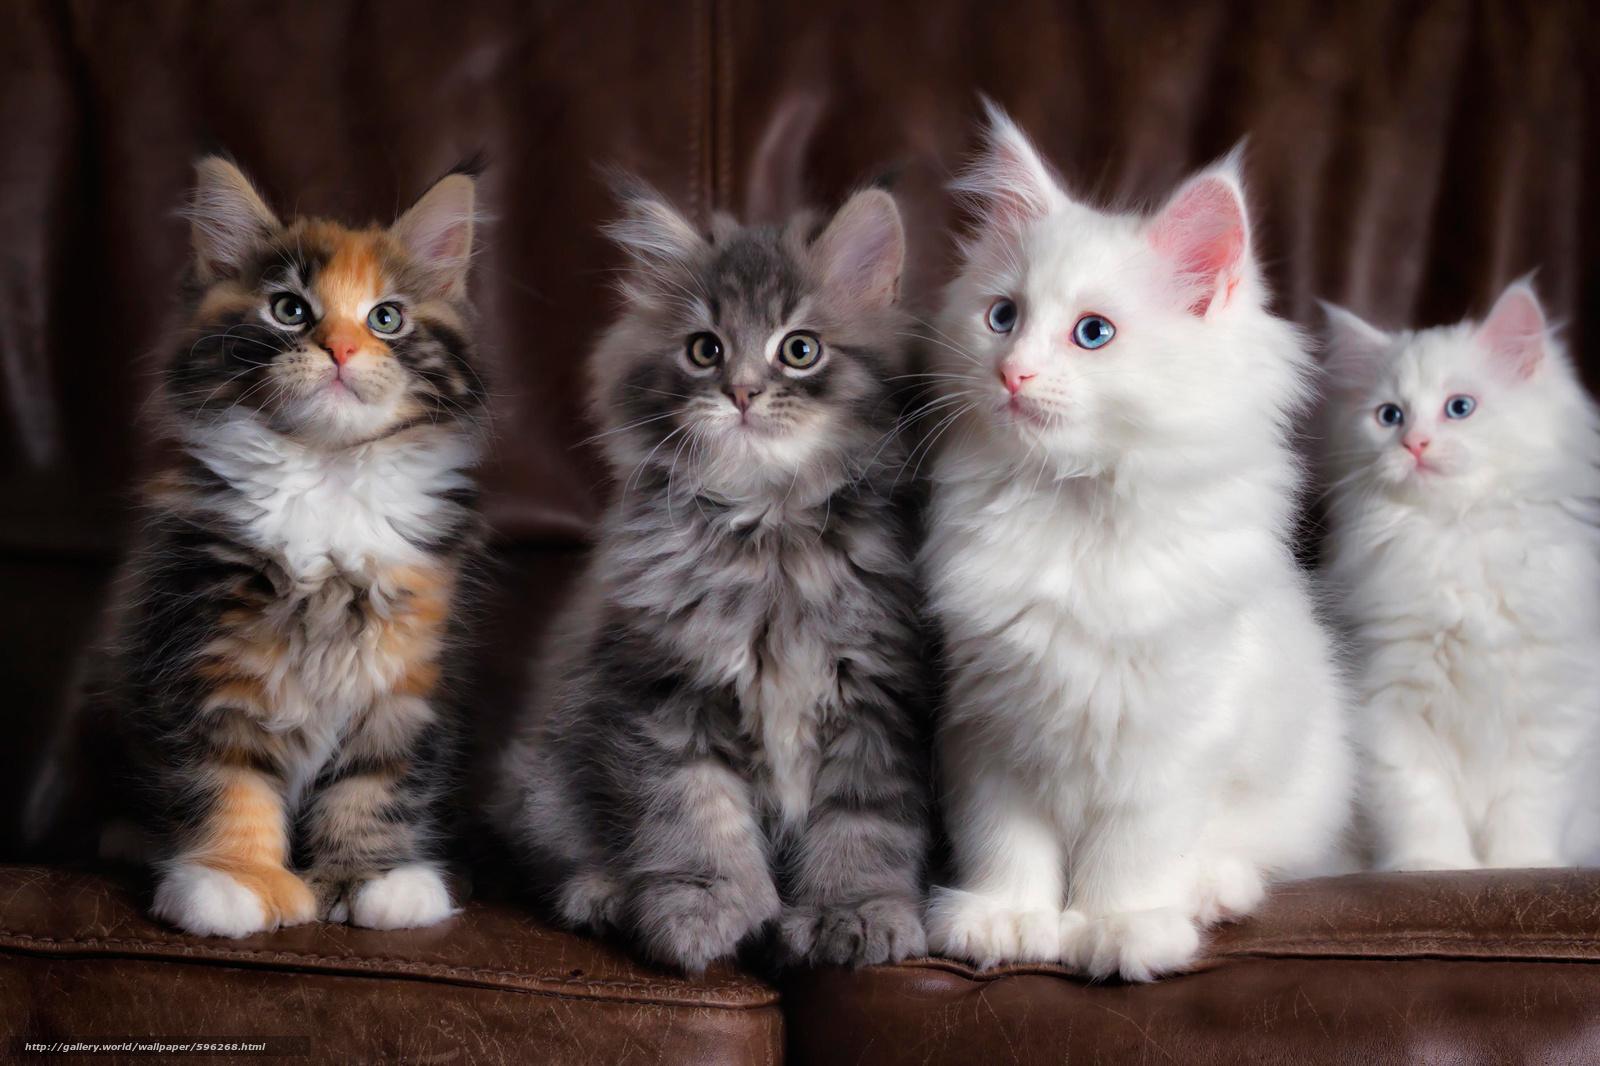 tlcharger fond decran chatons maine coon animaux fonds decran gratuits pour votre rsolution du bureau 2048x1365 image 596268